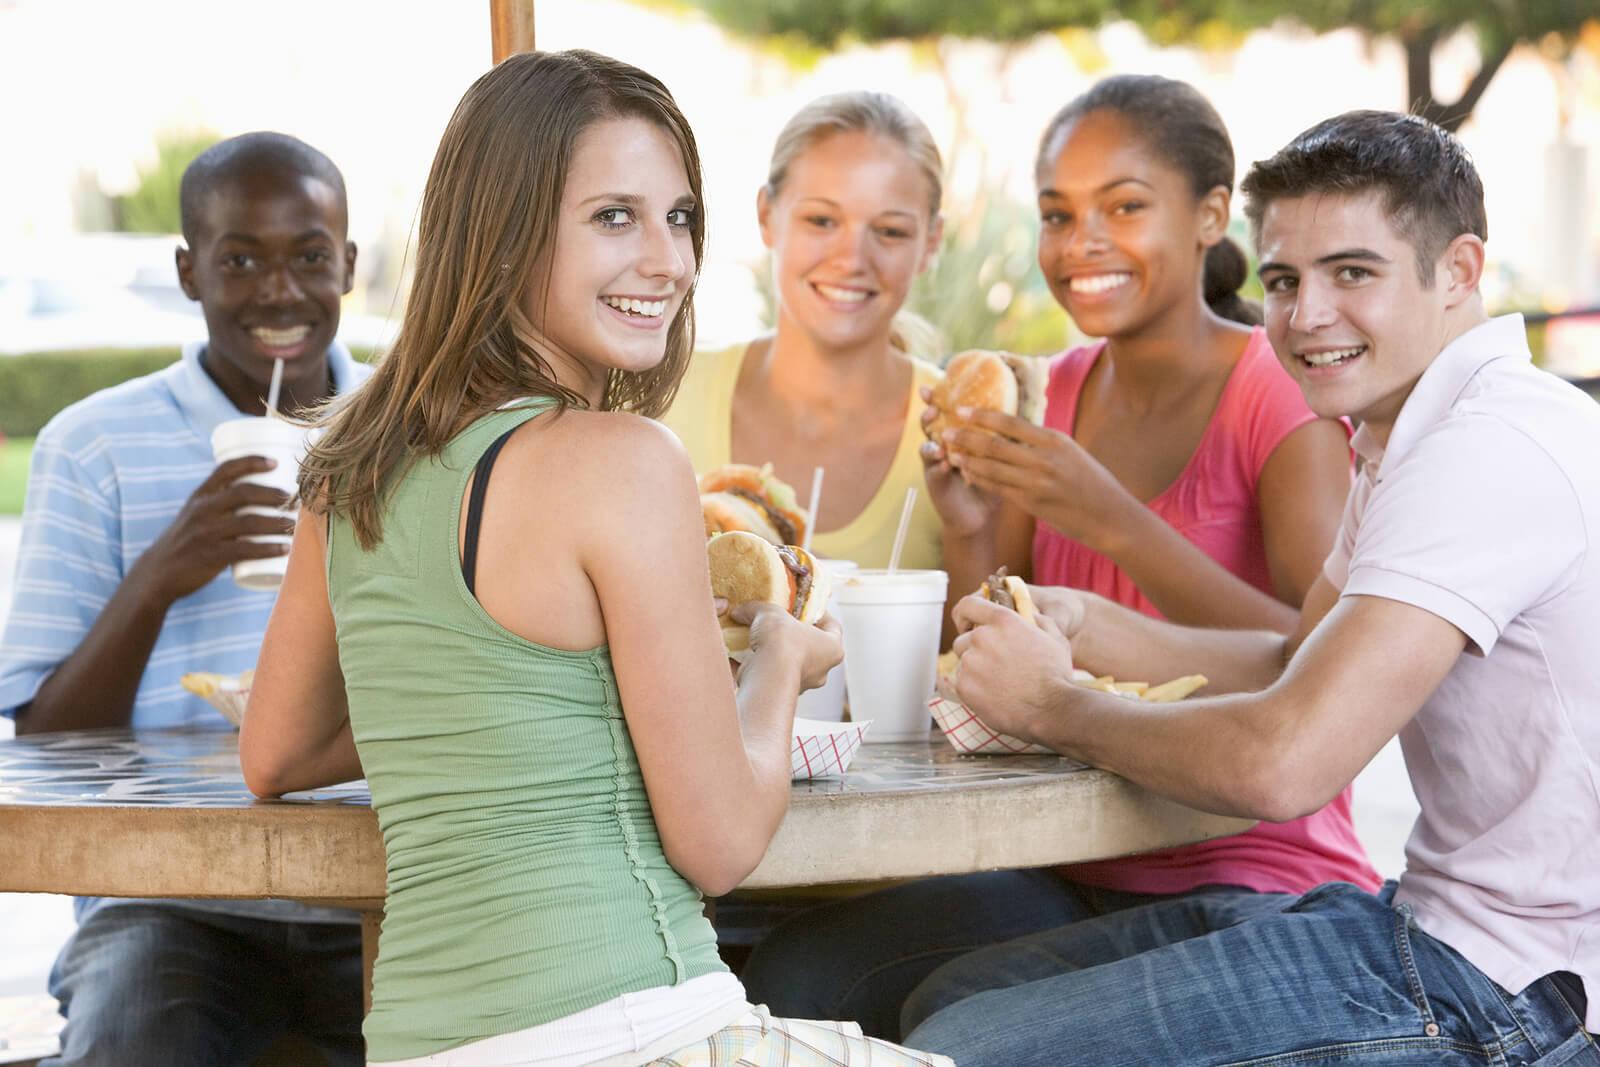 5 grandes retos del comienzo de la adolescencia